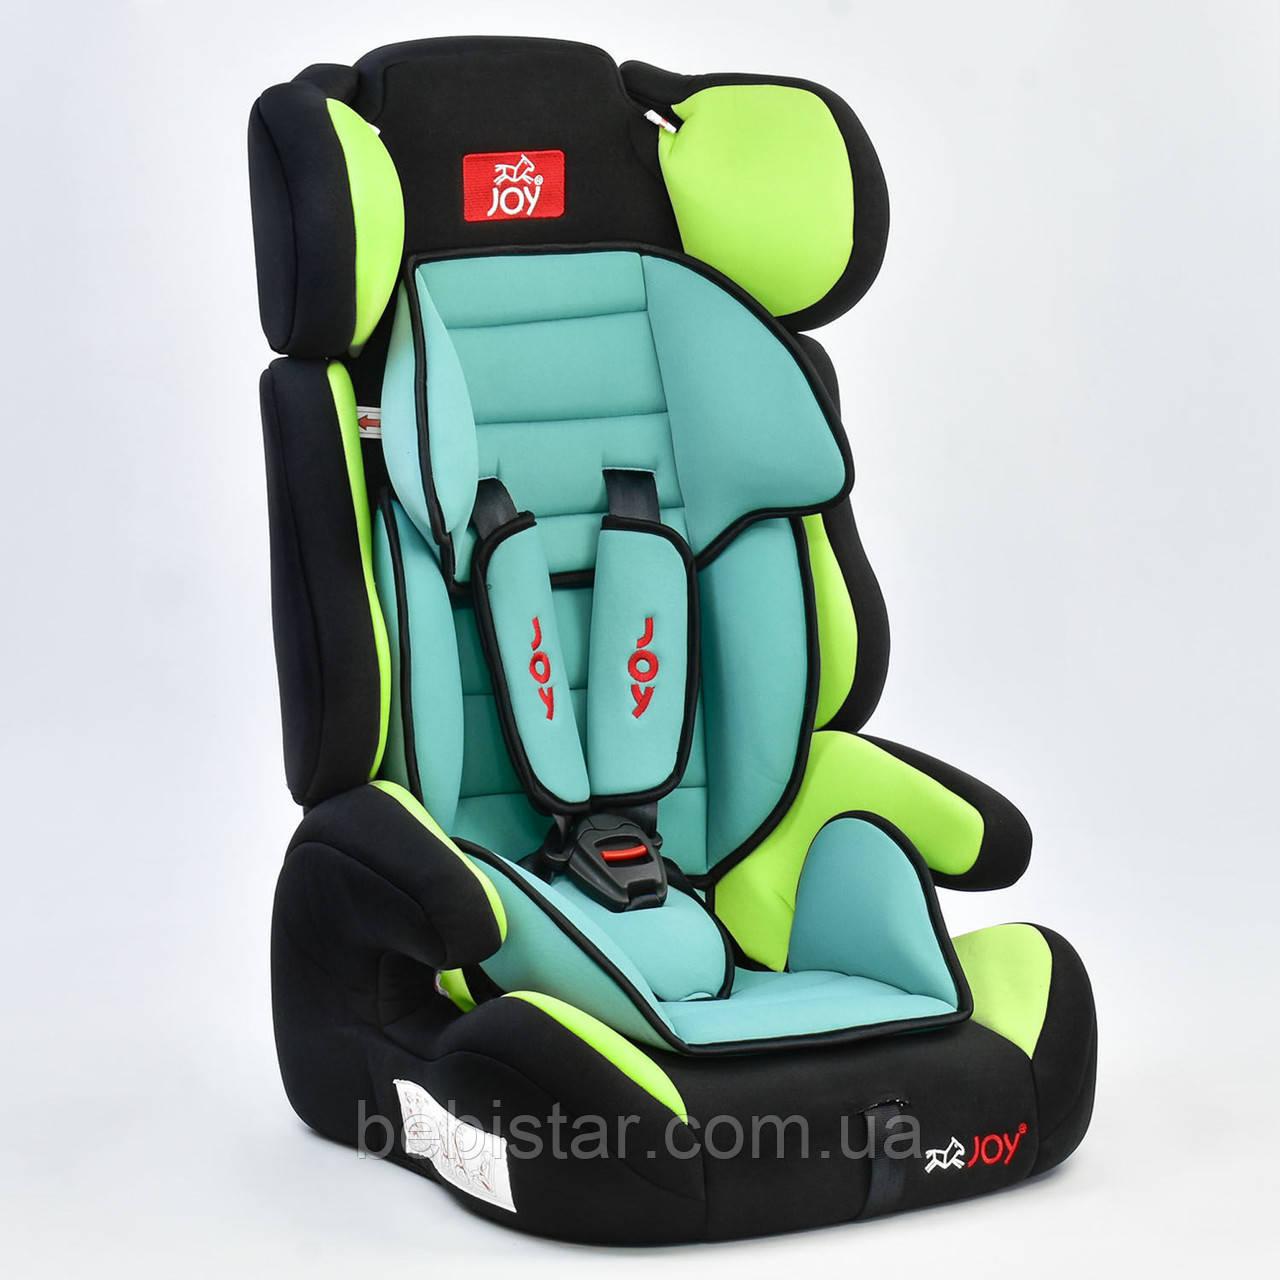 Дитяче автокрісло Joy Е 4445 Колір чорно-зелений 9-36 кг